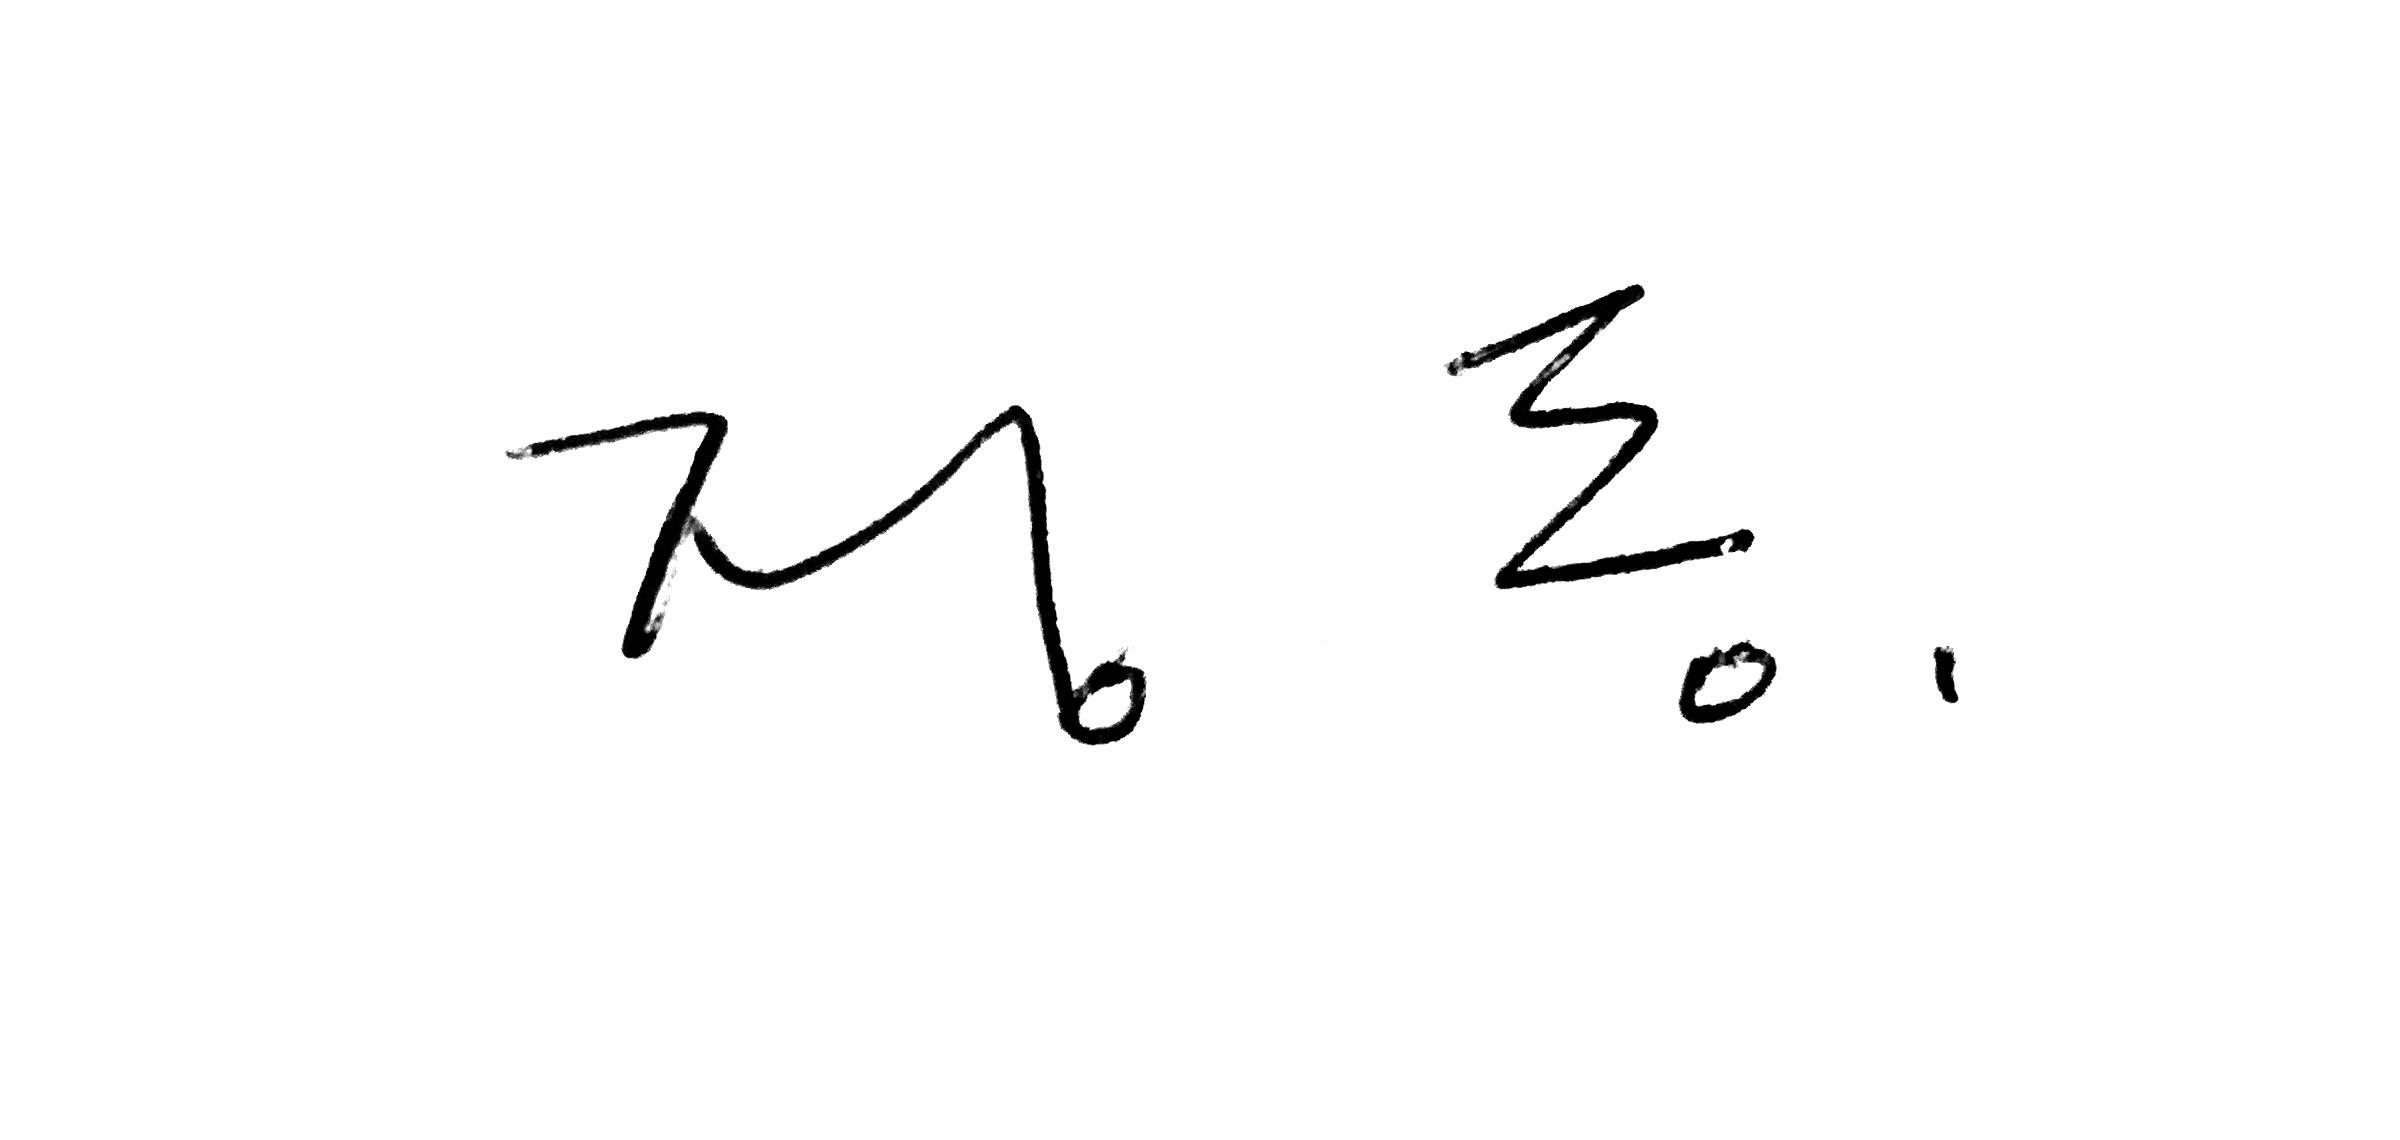 jd9792's Signature